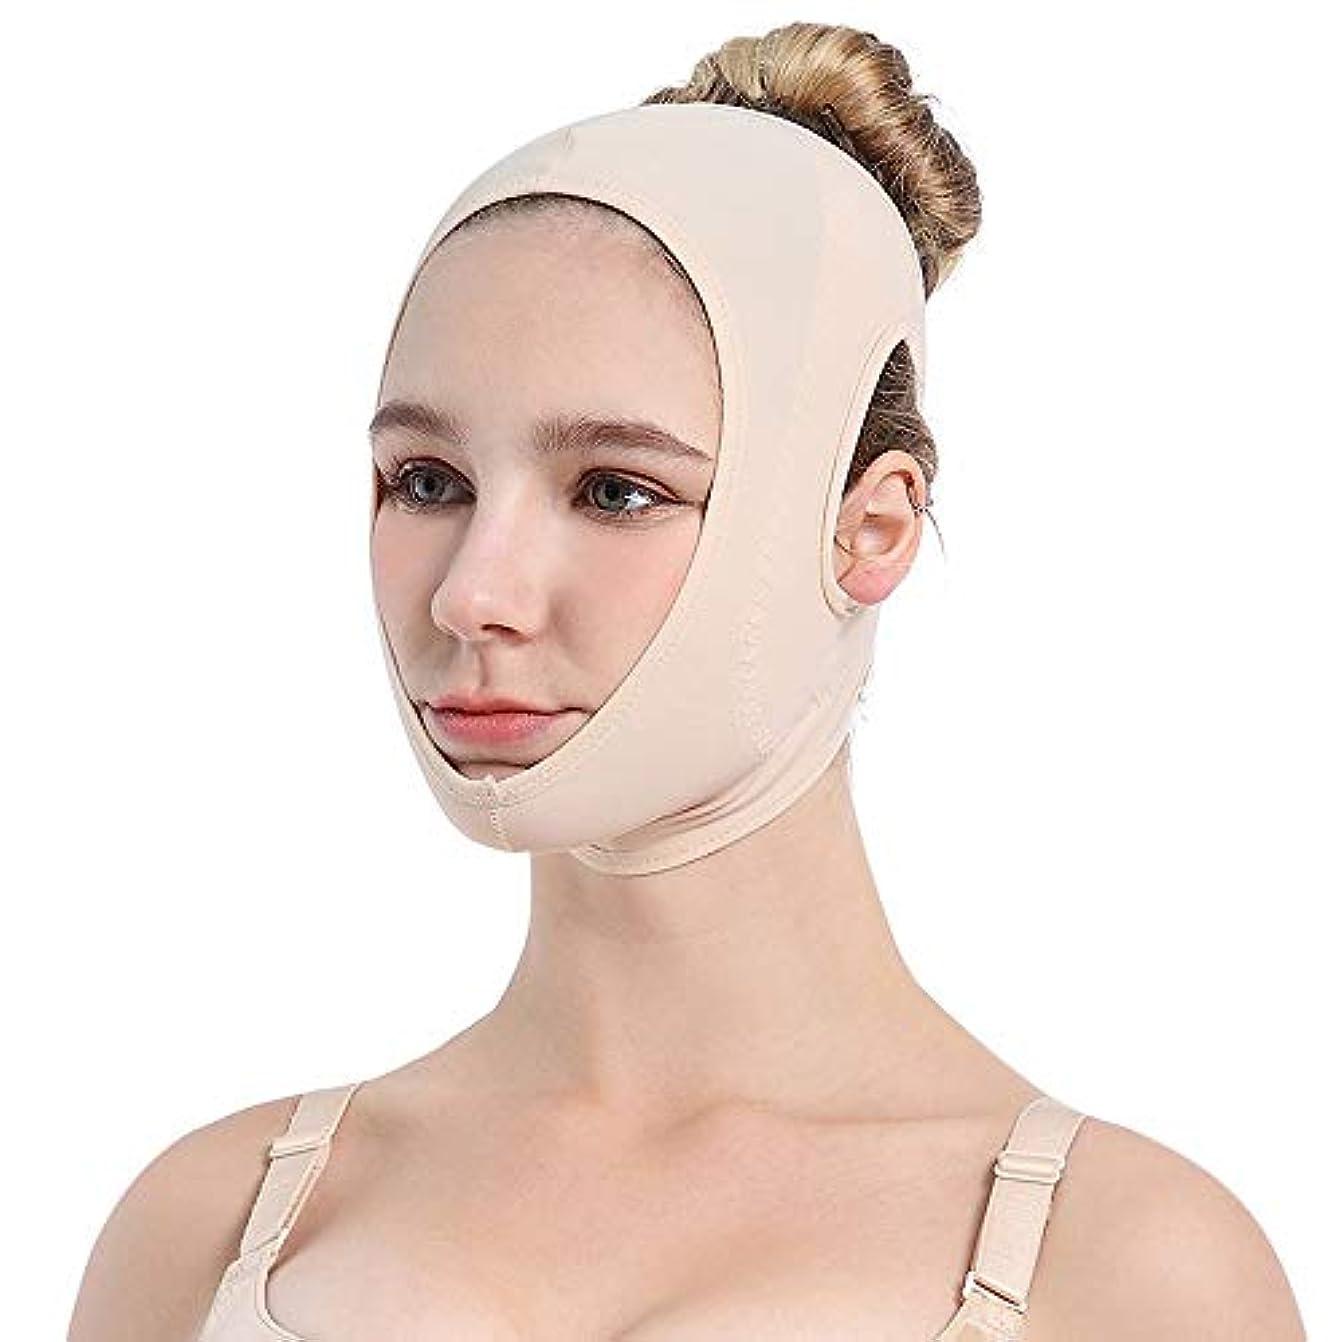 あたりブルゴーニュヘルパーフェイスリフティングベルトを、顔面脂肪吸引脂肪吸引専門のリペアマスクリフティングファーミングアンチリンクルダブルチンリデューサー (Color : A)